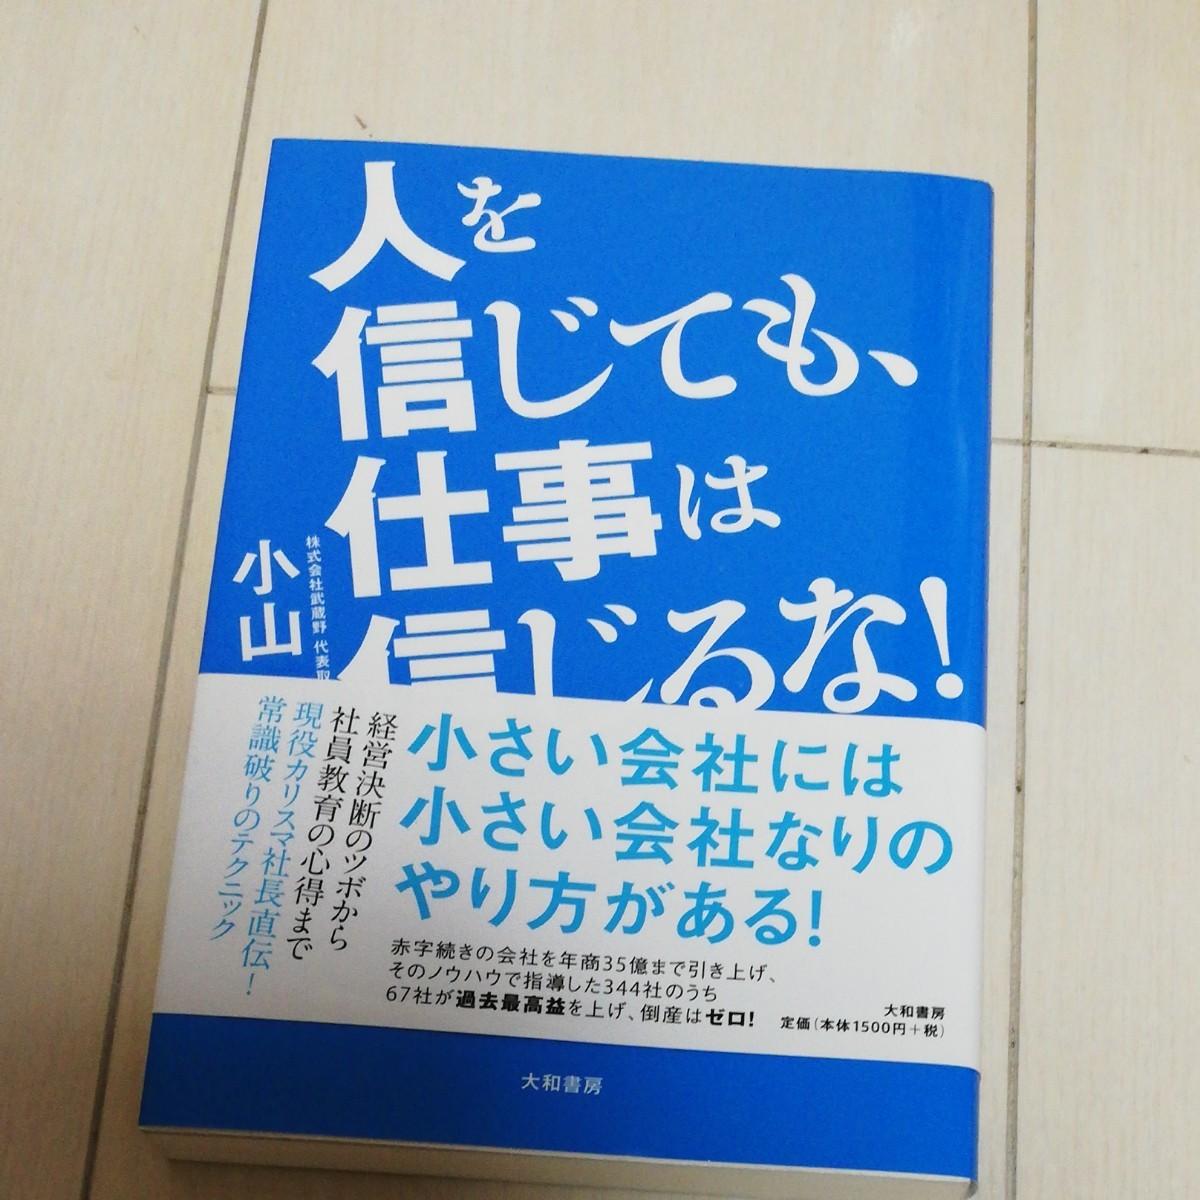 「人を信じても、仕事は信じるな!」小山昇定価: ¥ 1,650